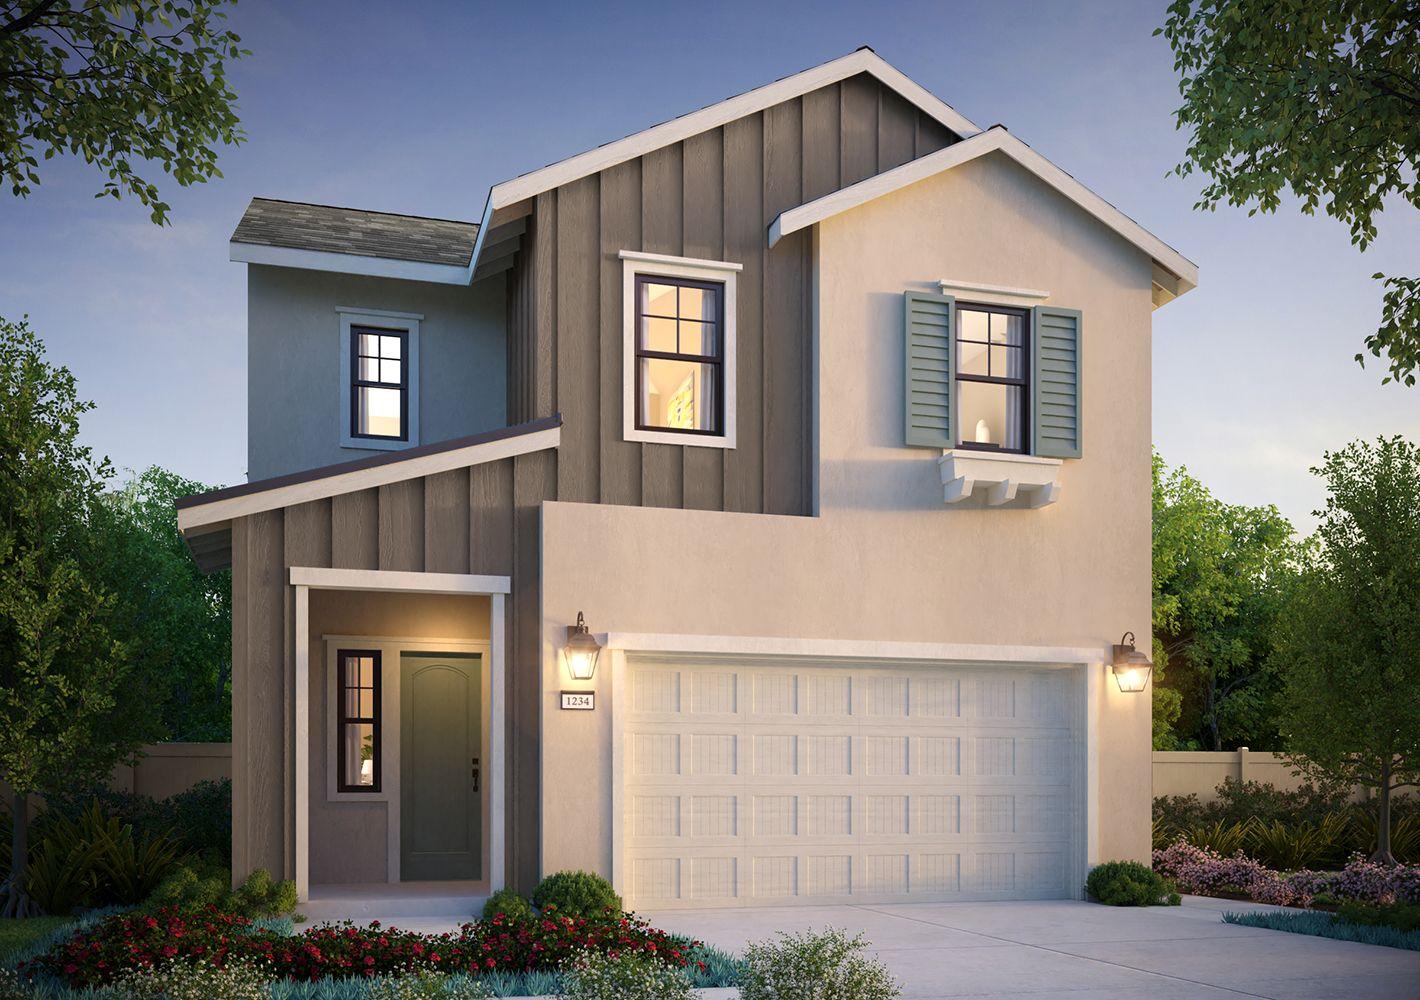 单亲家庭 为 销售 在 Sterling At Esencia - Plan 1 113 Topaz Street Rancho Mission Viejo, California 92694 United States